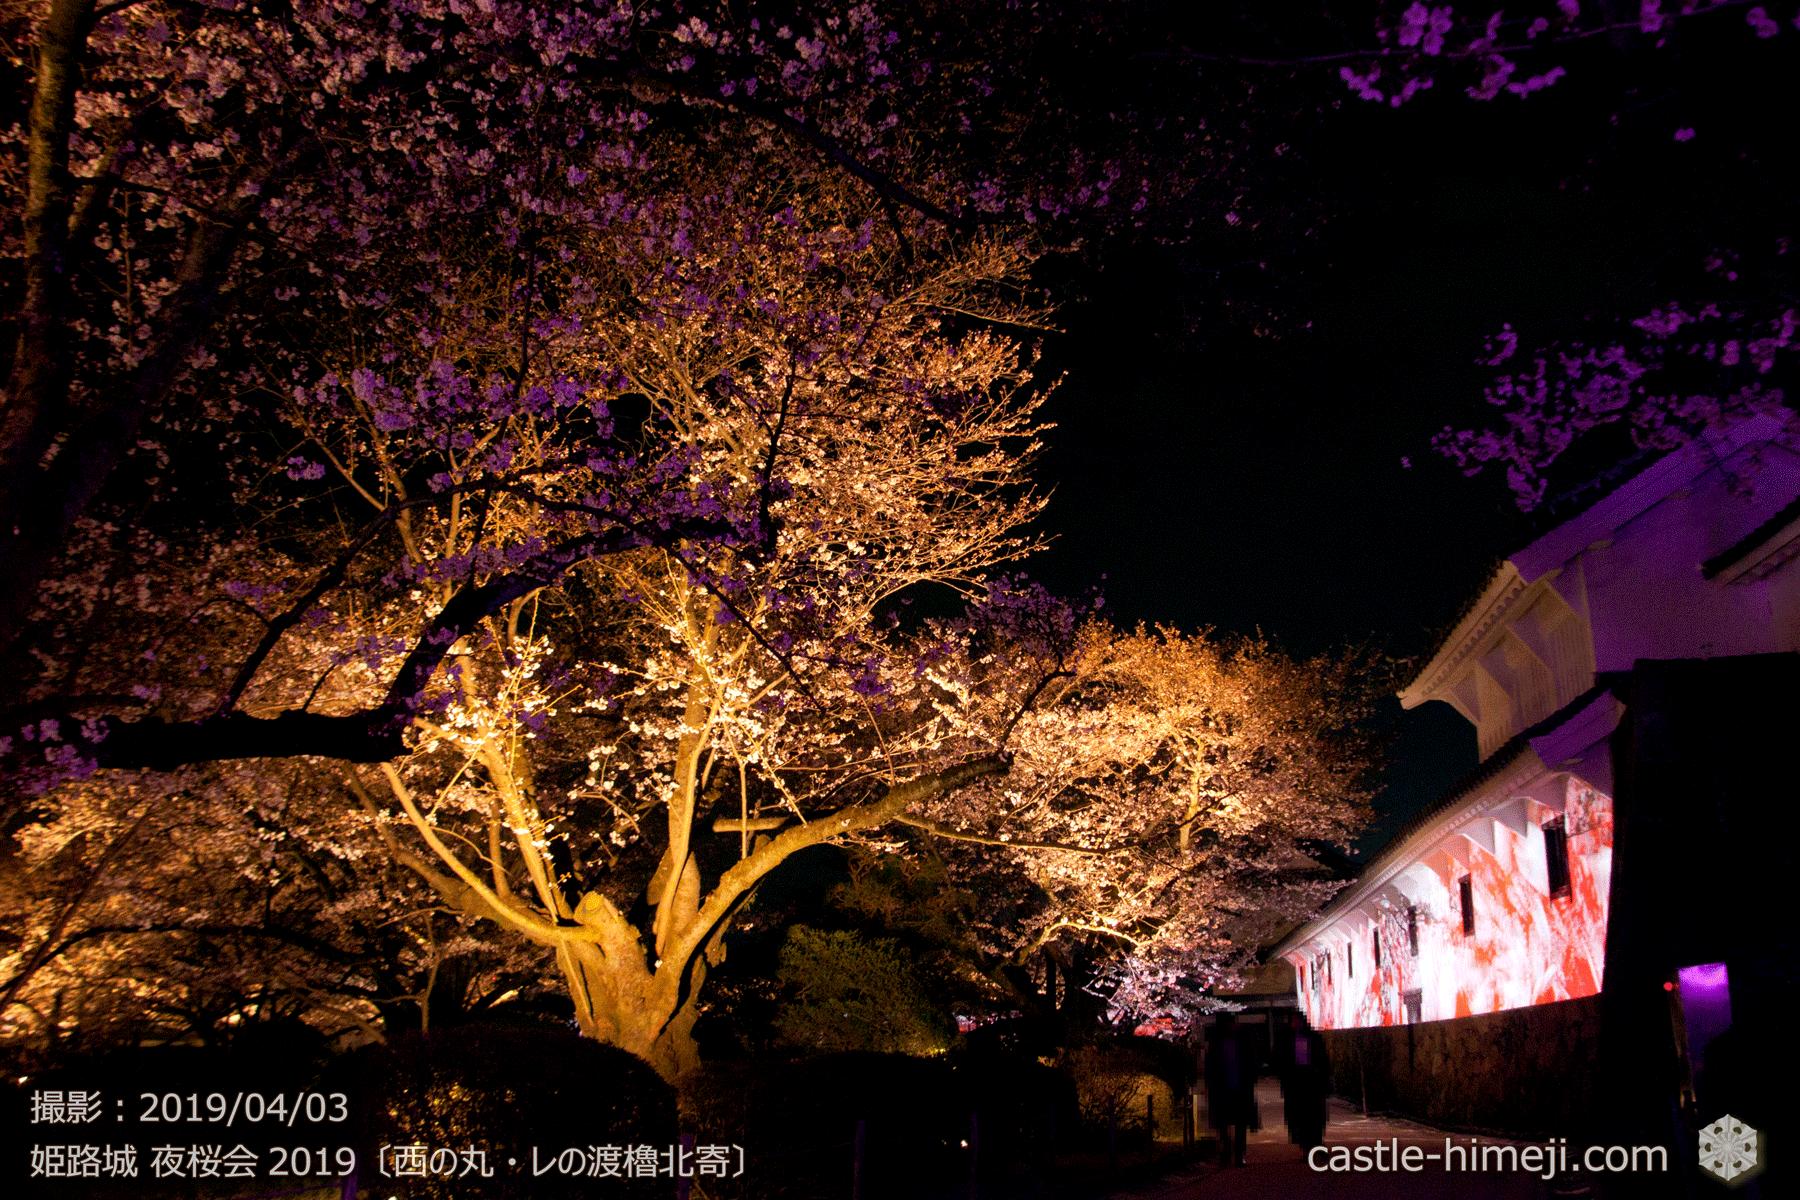 レの渡櫓壁面と桜・「姫路城夜桜会」初日2019/4/3